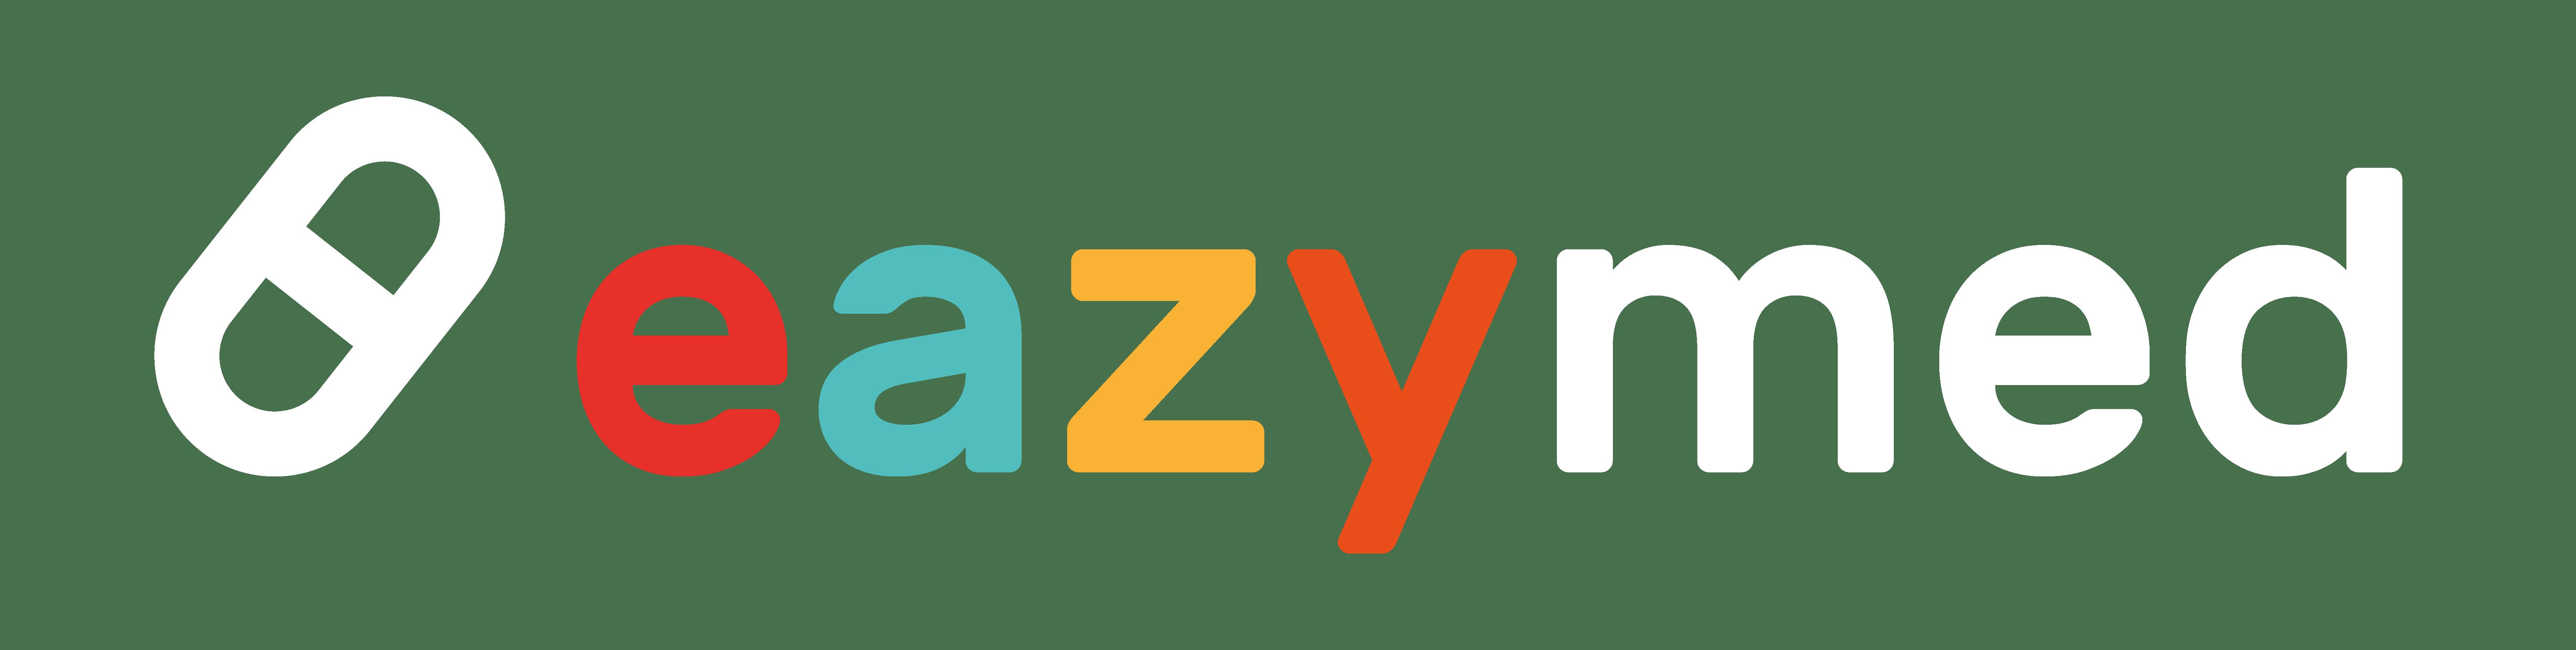 eazymed logo